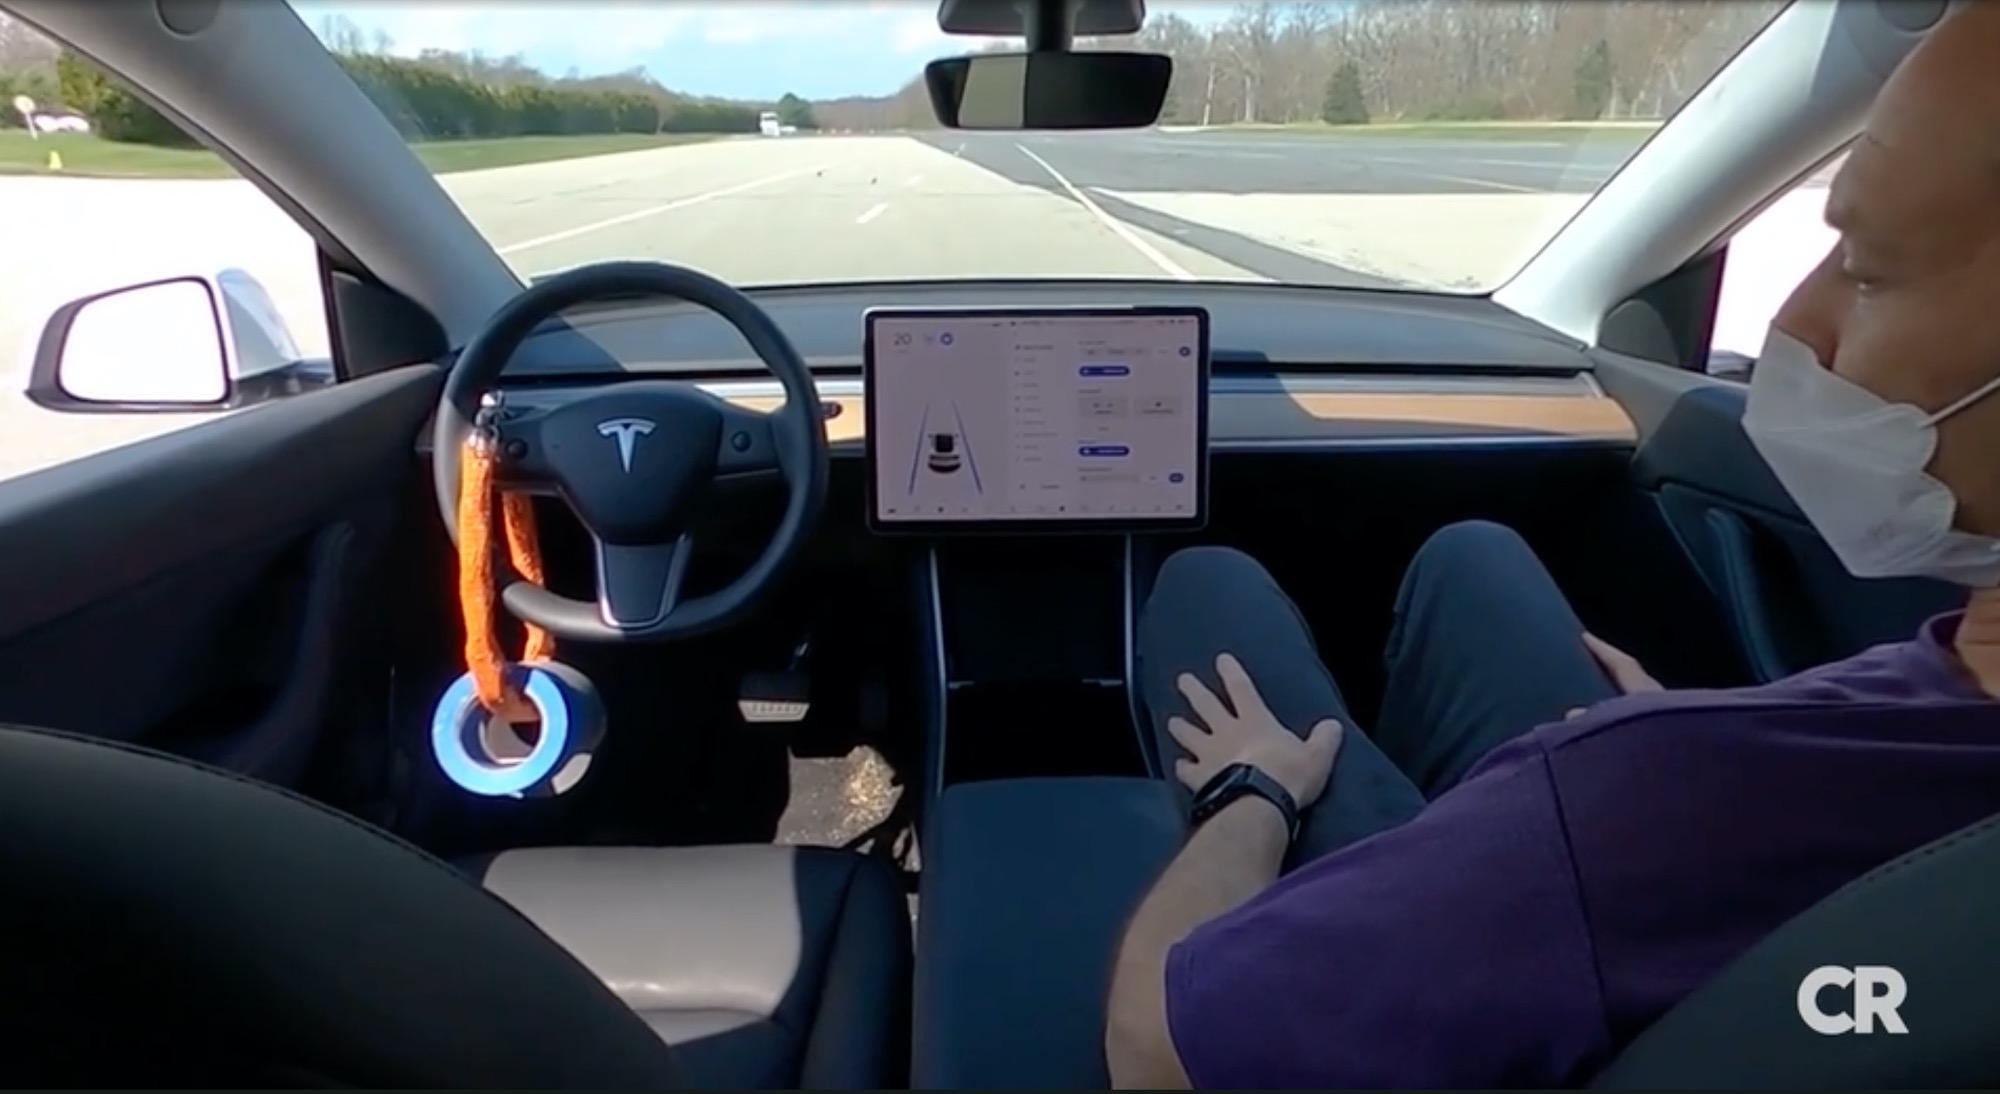 Teslas Autopilot anses ha för dålig koll på föraren Konsumentorganisation efterlyser säkrare körassistenter